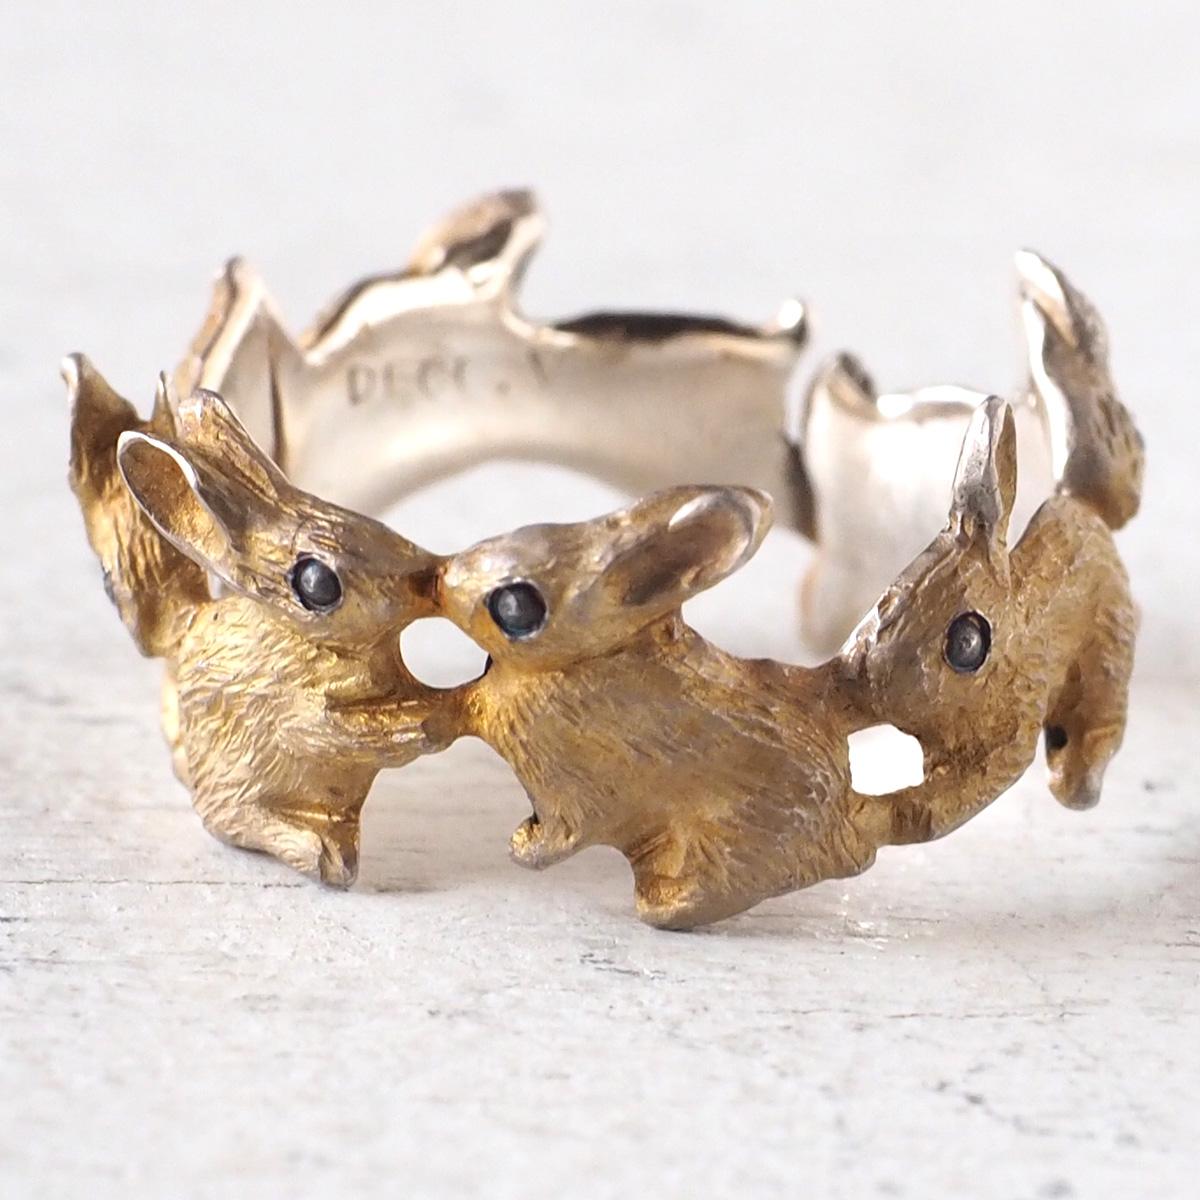 DECOvienya(デコヴィーニャ) 手作りアクセサリー ウサギ仲良しリング シルバー [DE-148S] ハンドメイドアクセサリー ジュエリー 動物 アニマル フィギュア 個性的 可愛い シルバー925 ナチュラル うさぎ 兎 ラビット リアル 日本製 国産